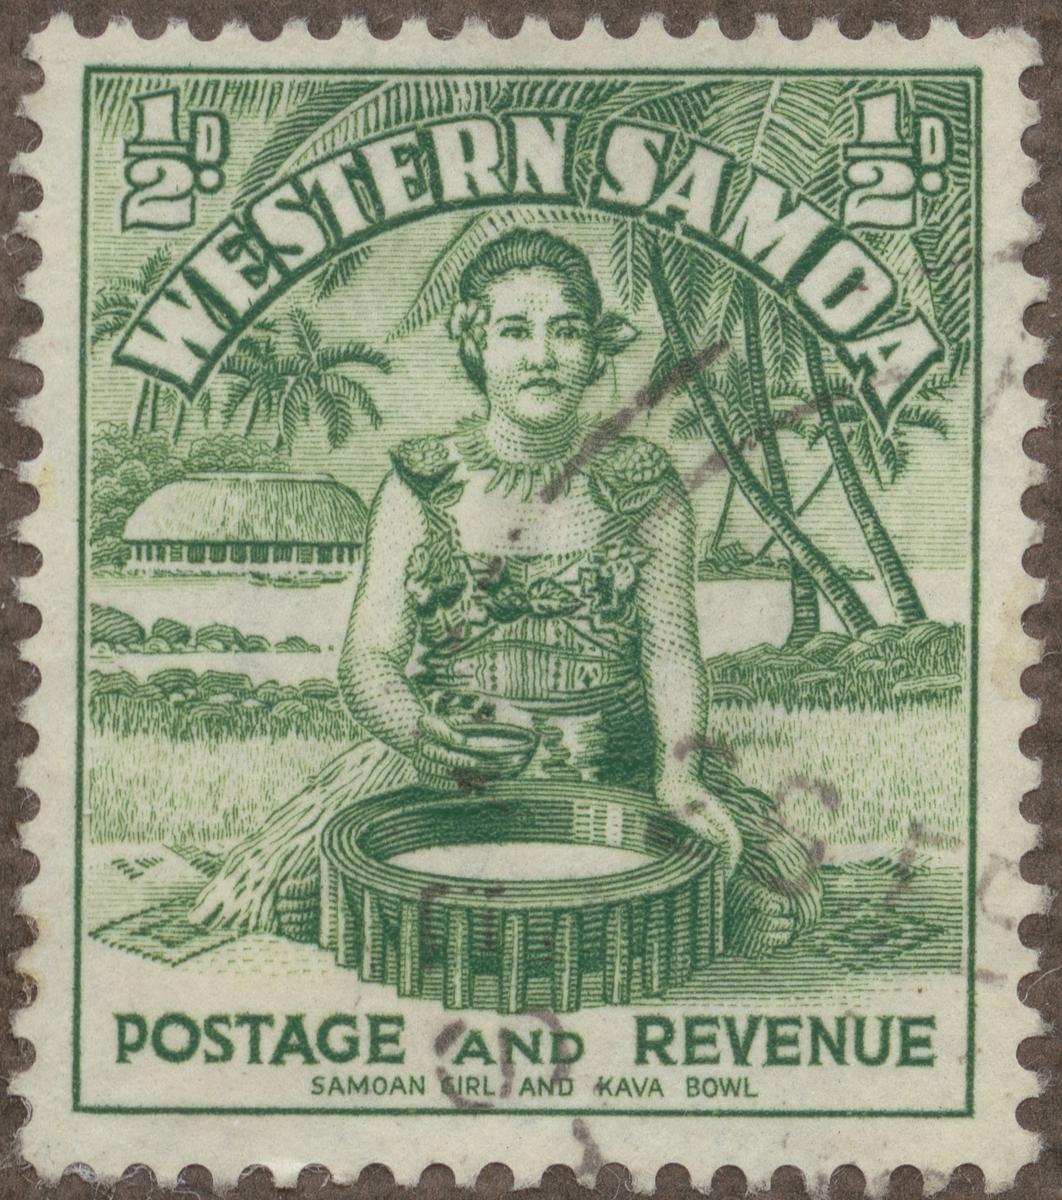 Frimärke ur Gösta Bodmans filatelistiska motivsamling, påbörjad 1950. Frimärke från Samoa, 1935. Motiv av Kava-kavaberedning på Samoa.